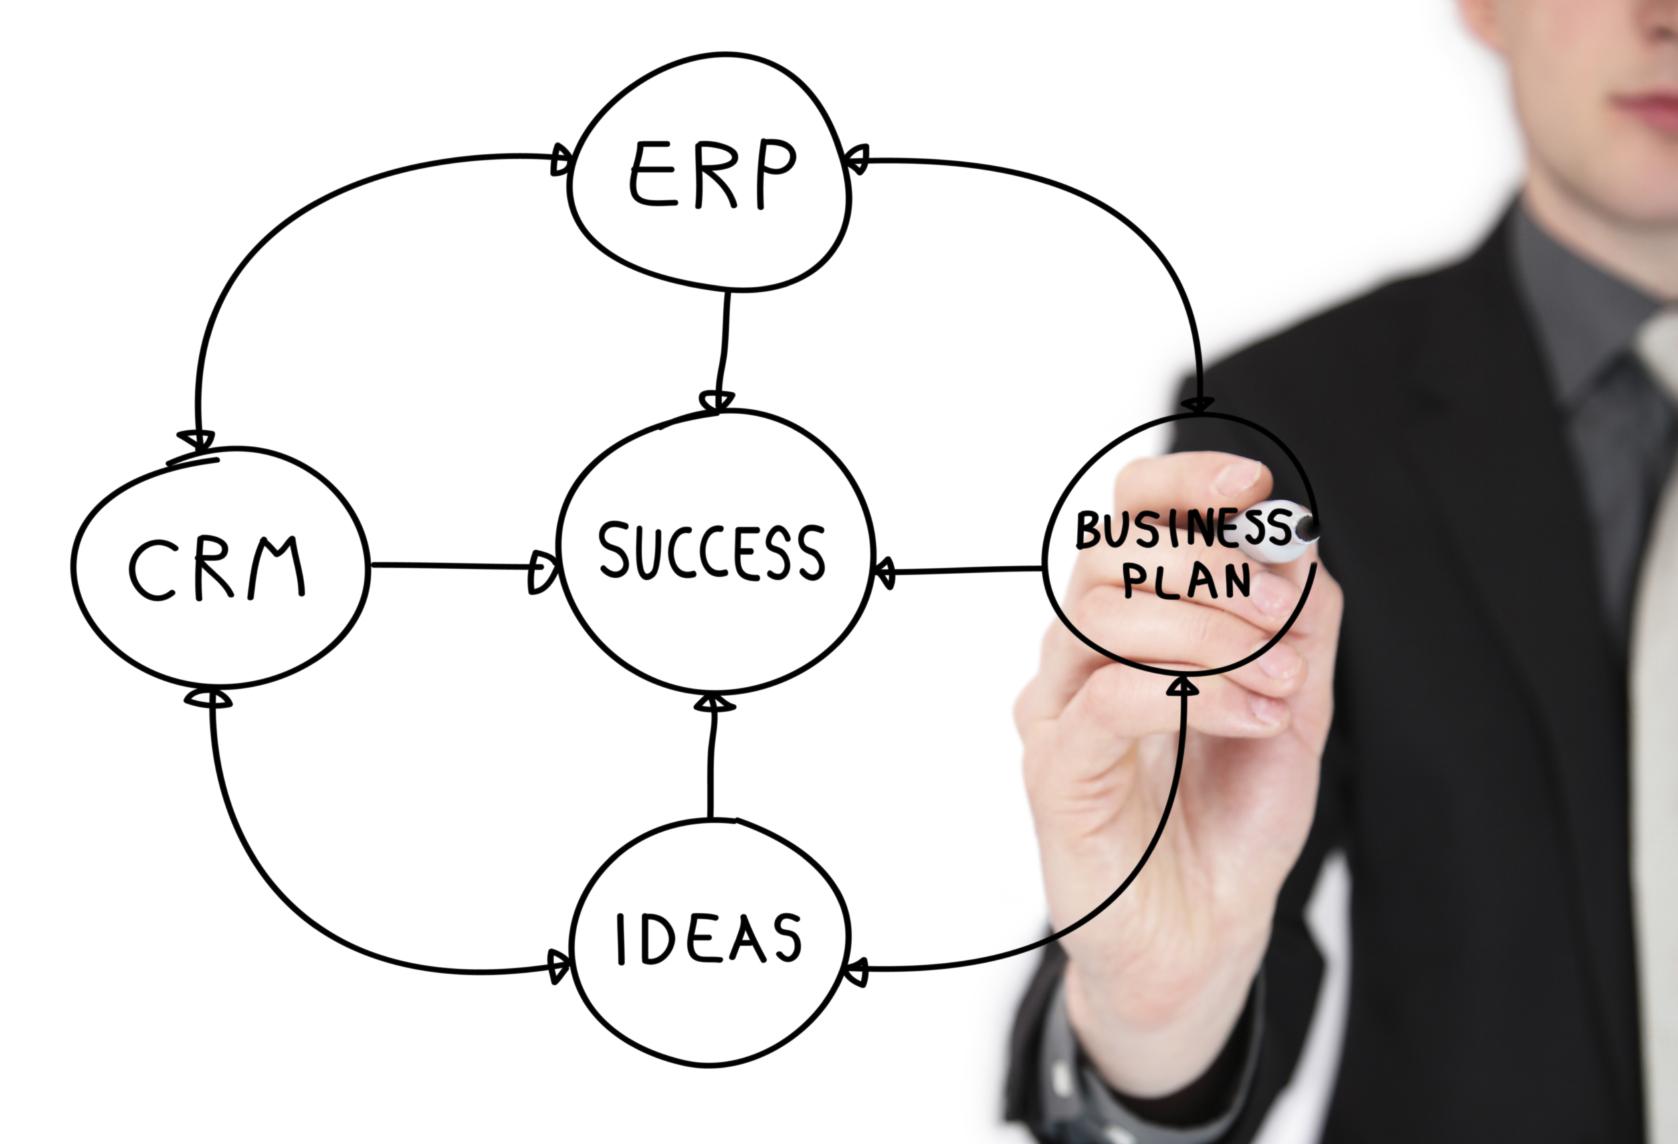 Cand e momentul potrivit pentru achizitionarea unui ERP?